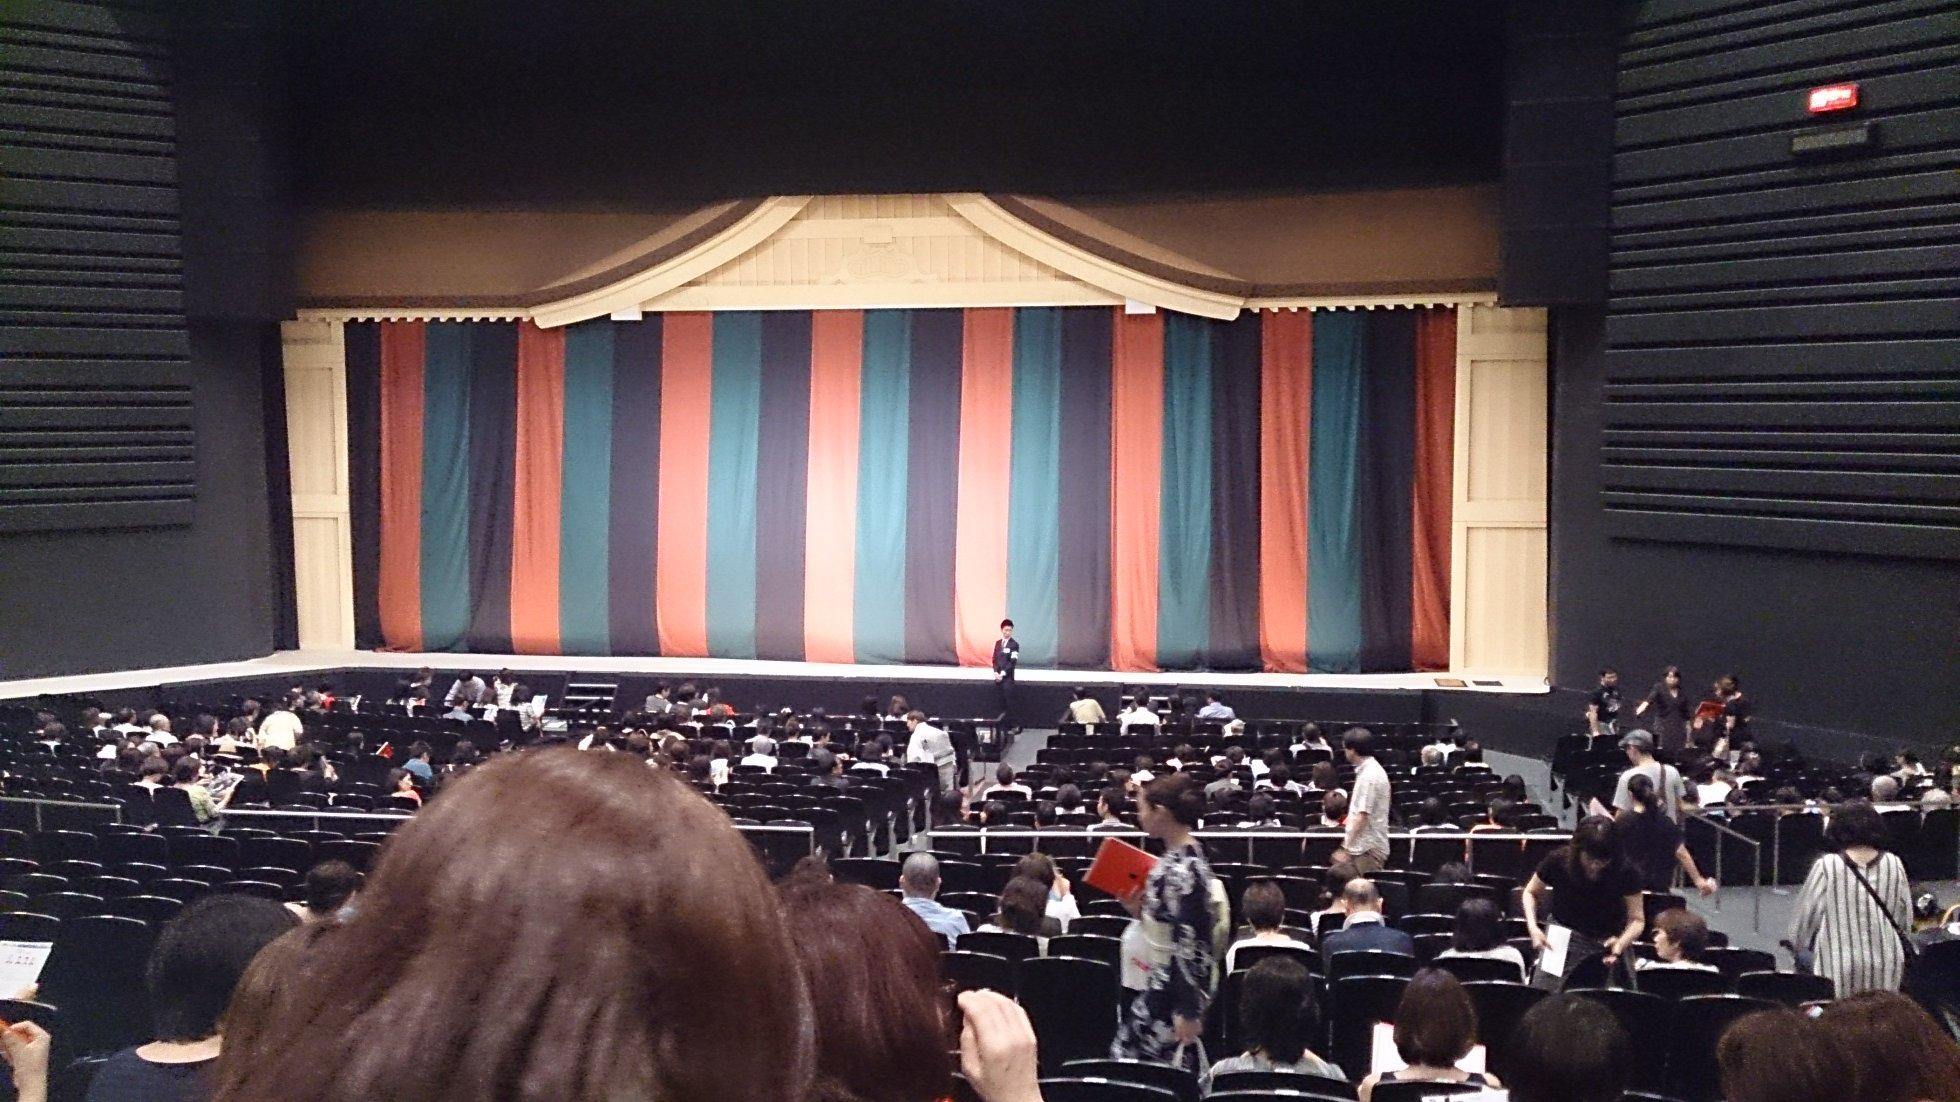 六本木歌舞伎観てきました!_a0221584_15495578.jpg